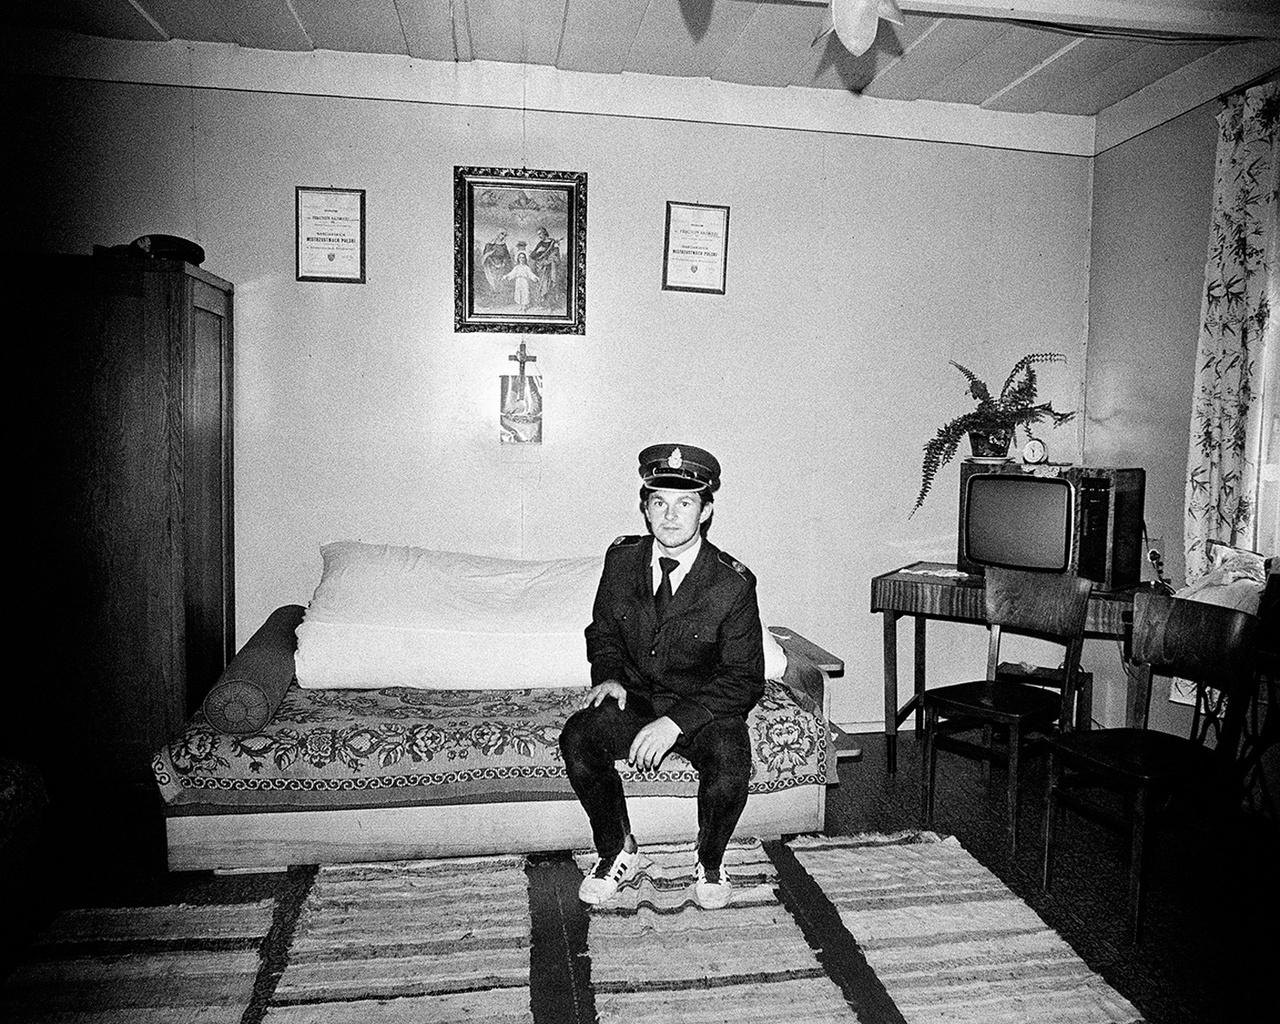 Ifjú rendőr a hagyományos paraszti tiszta szoba némely funkcióját még őrző helyiségben, a szent családot, mint Krisztust a latrok, jobbról-balról minisztériumi oklevelek veszik körbe.